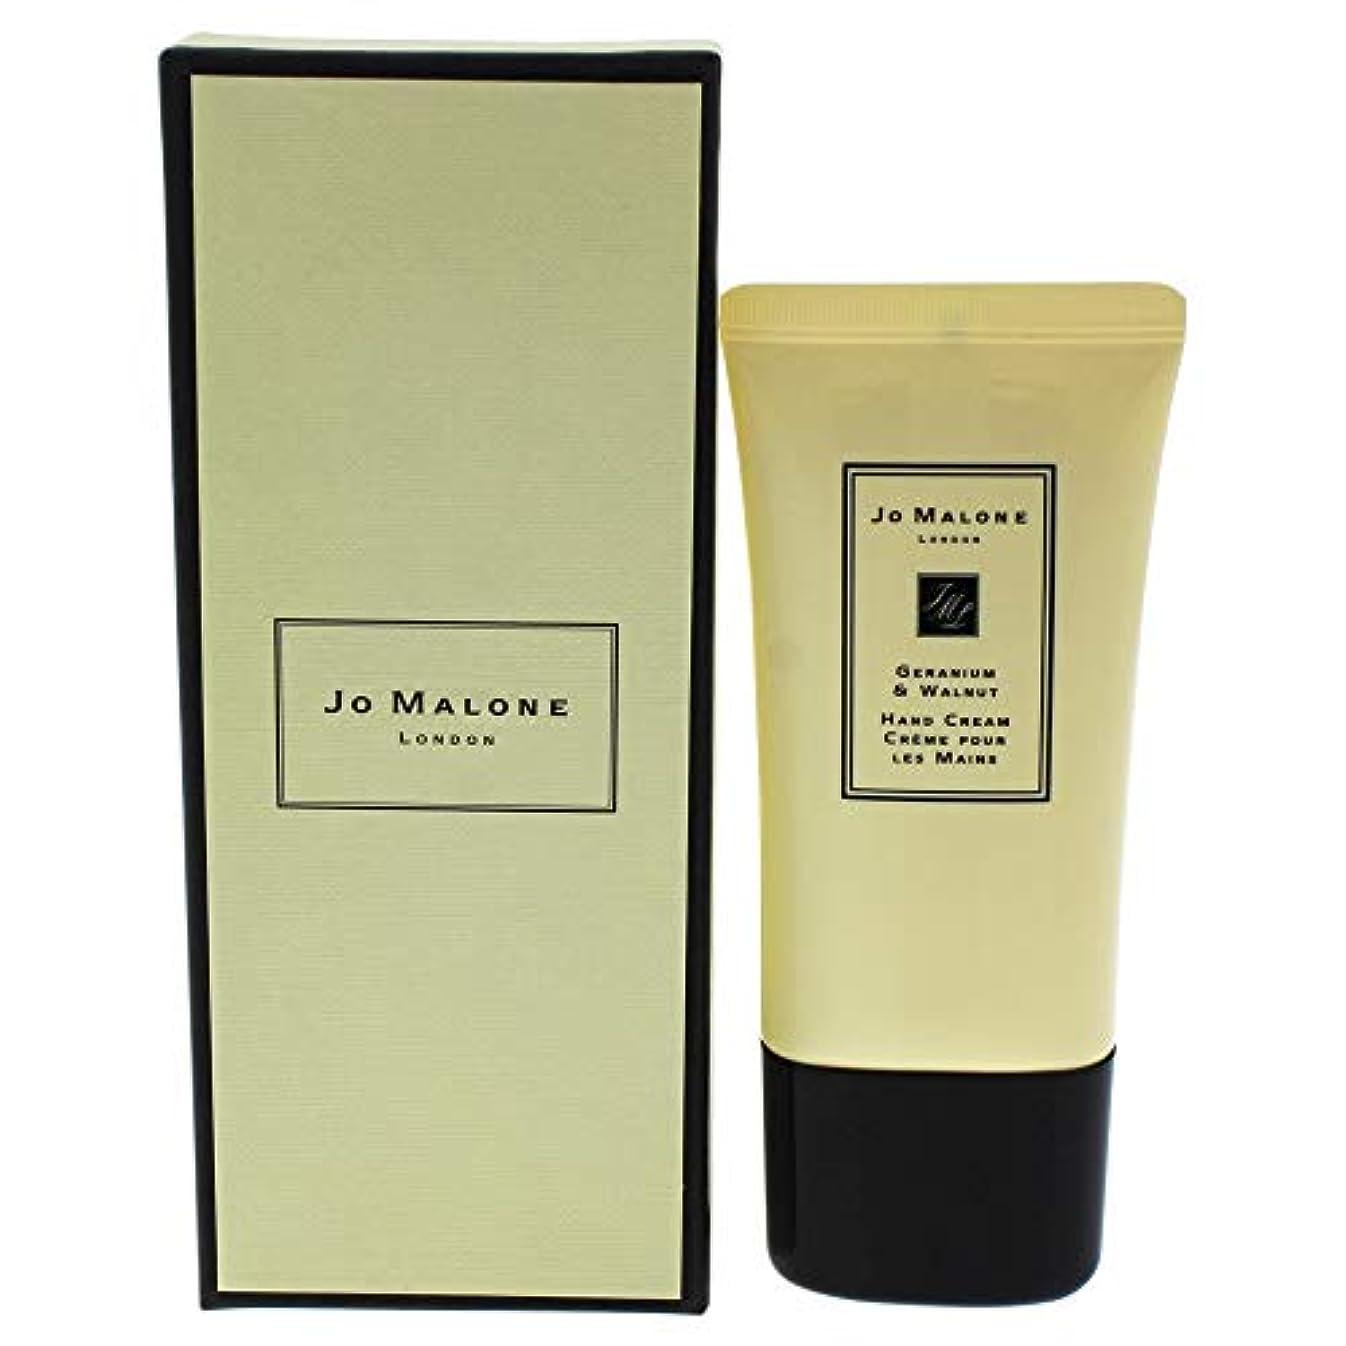 洋服部広告JO MALONE LONDON (ジョー マローン ロンドン) ゼラニウム & ナッツ ハンド クリーム